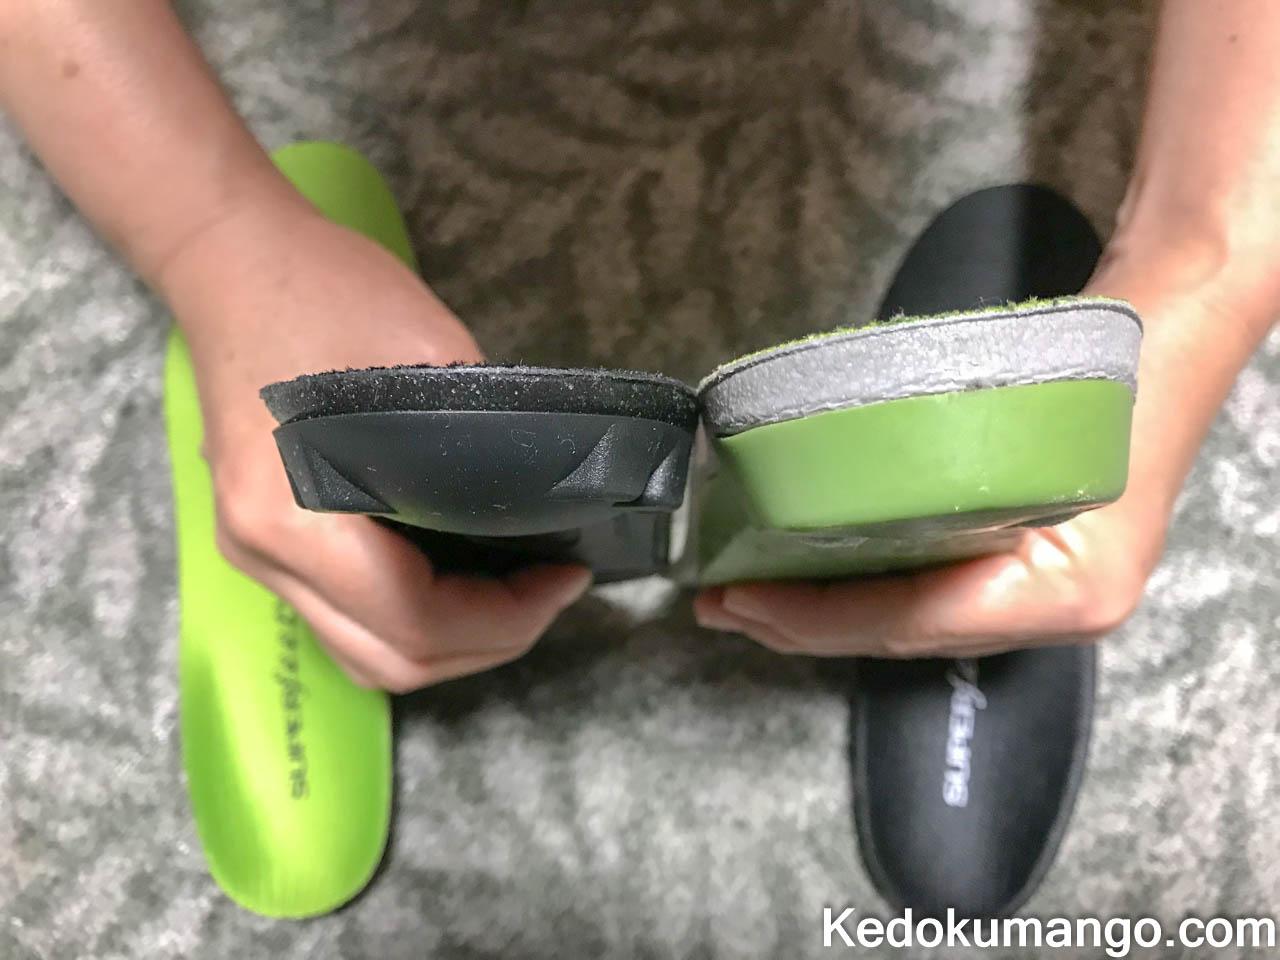 グリーンとブラックの厚さの違い